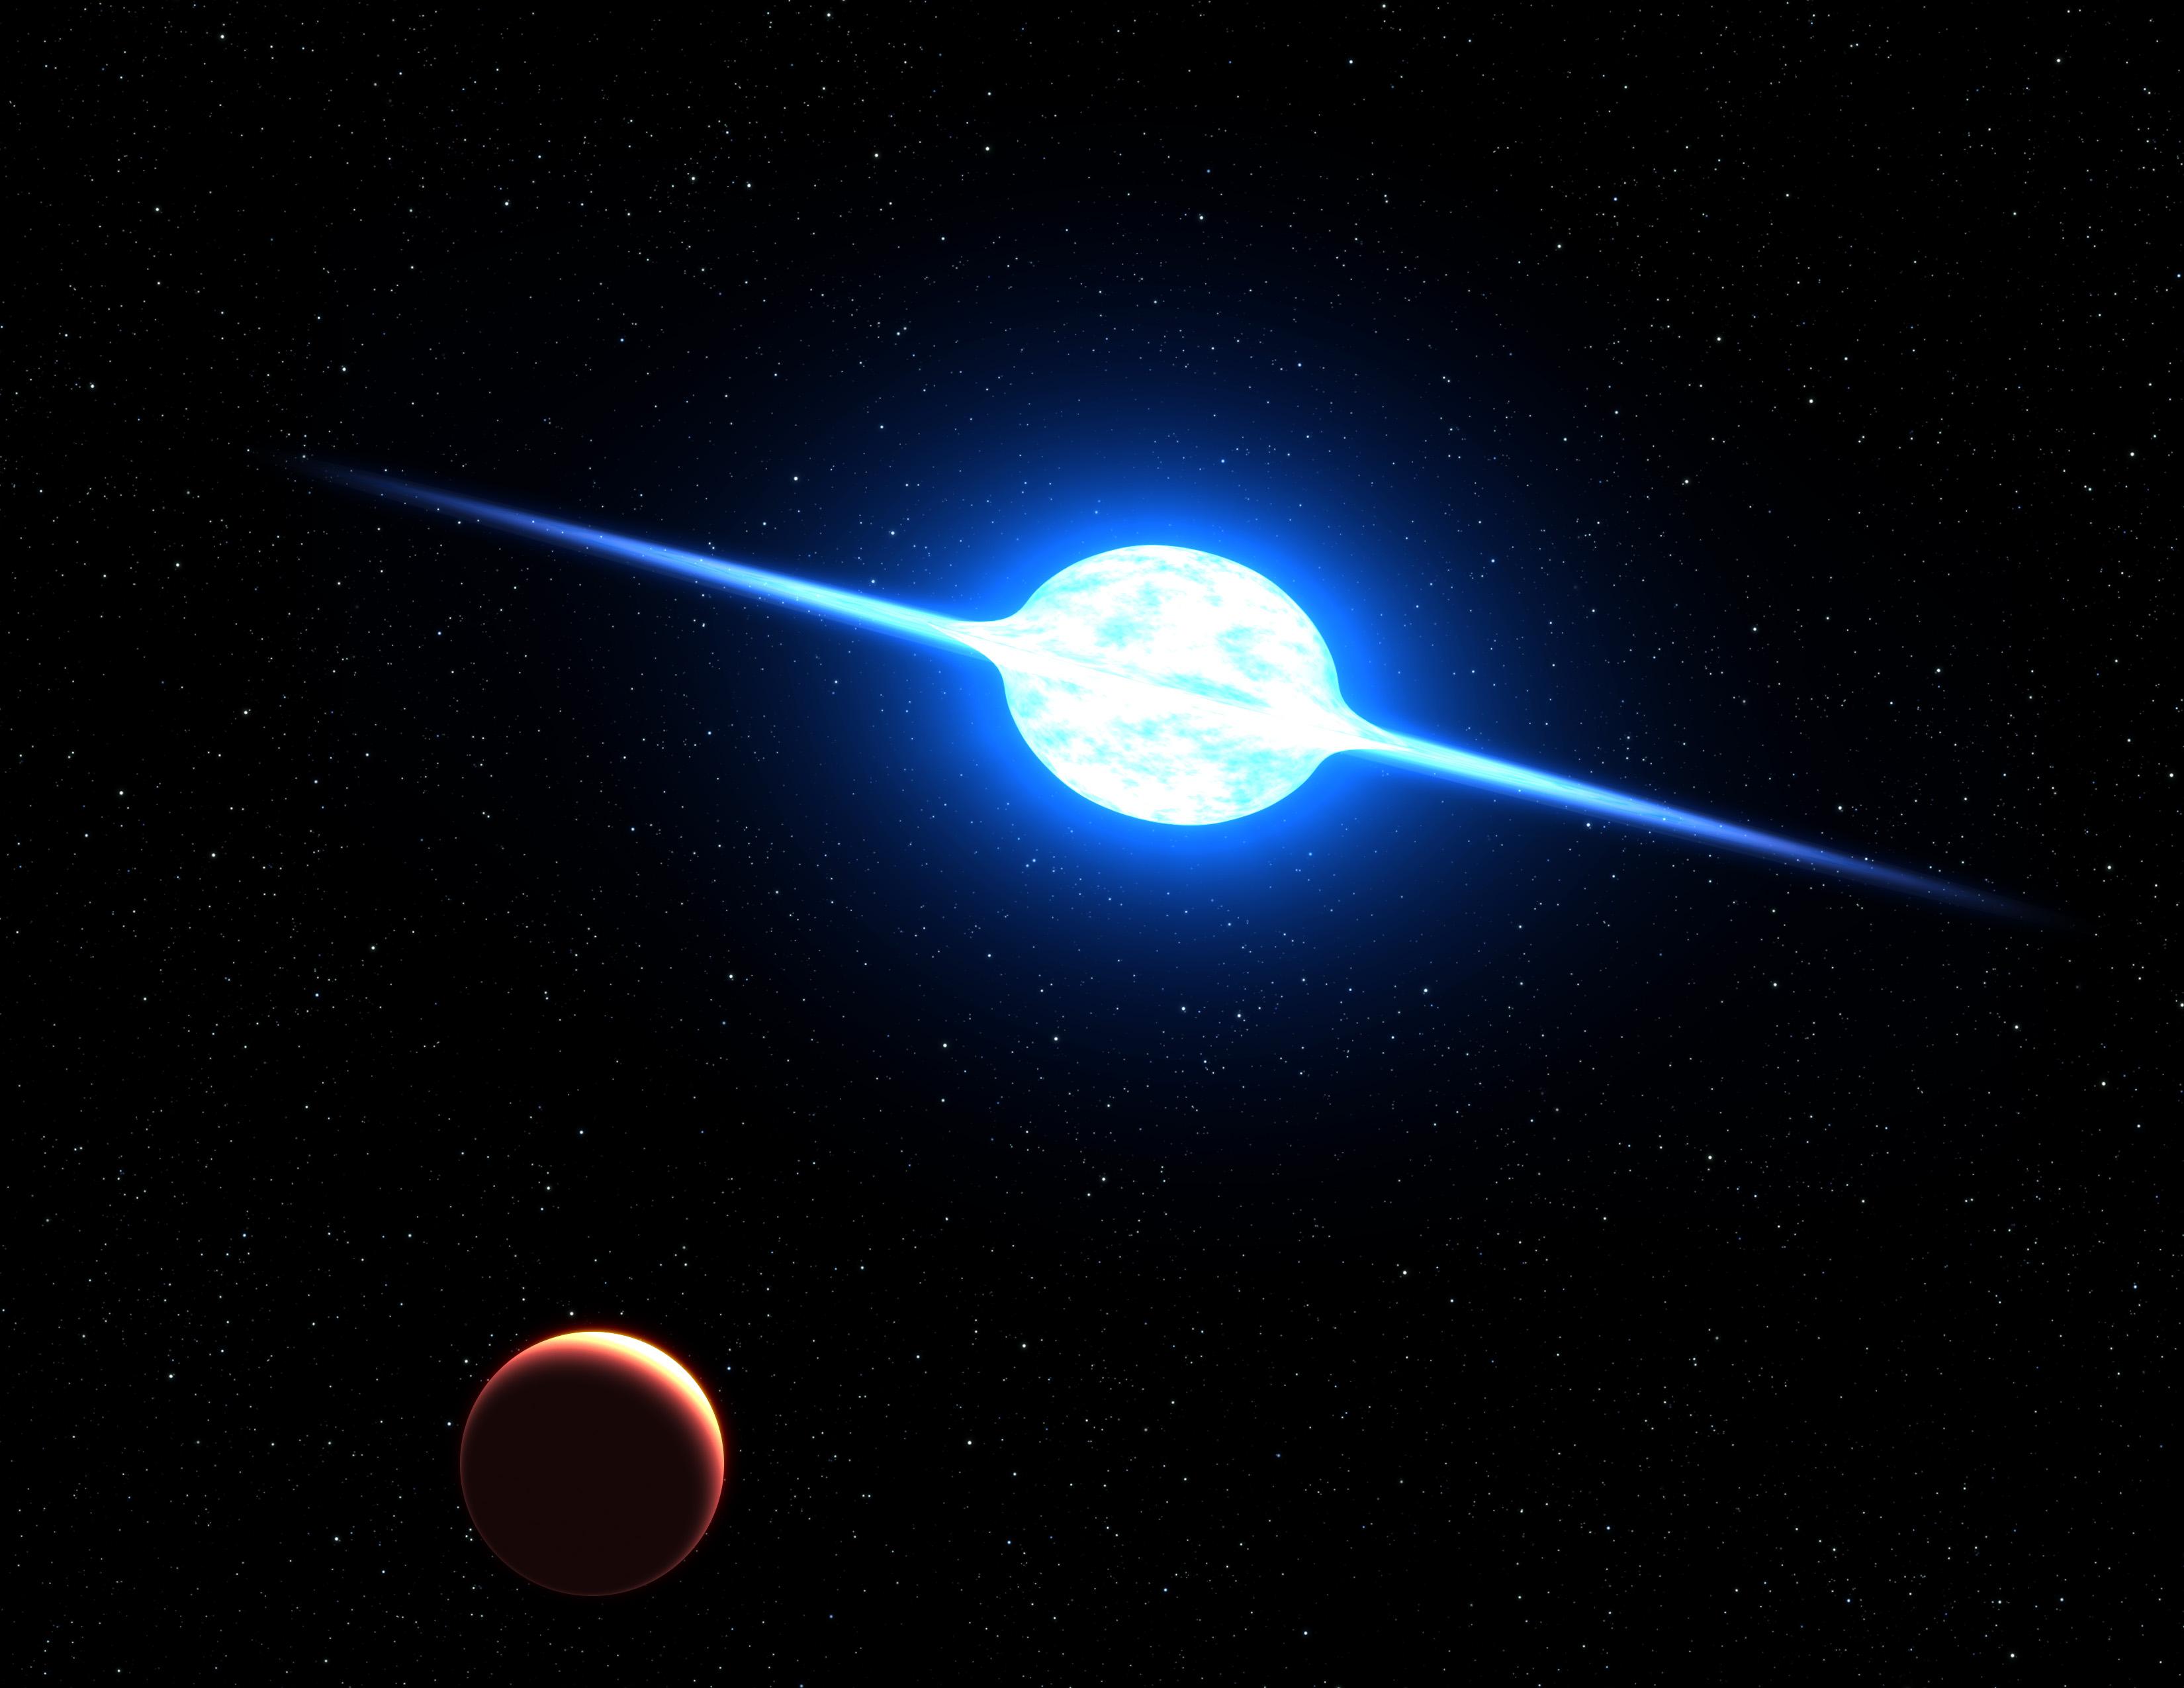 Papel De Parede Planeta Nasa C U Atmosfera Universo  -> Imagens Do Universo Para Papel De Parede